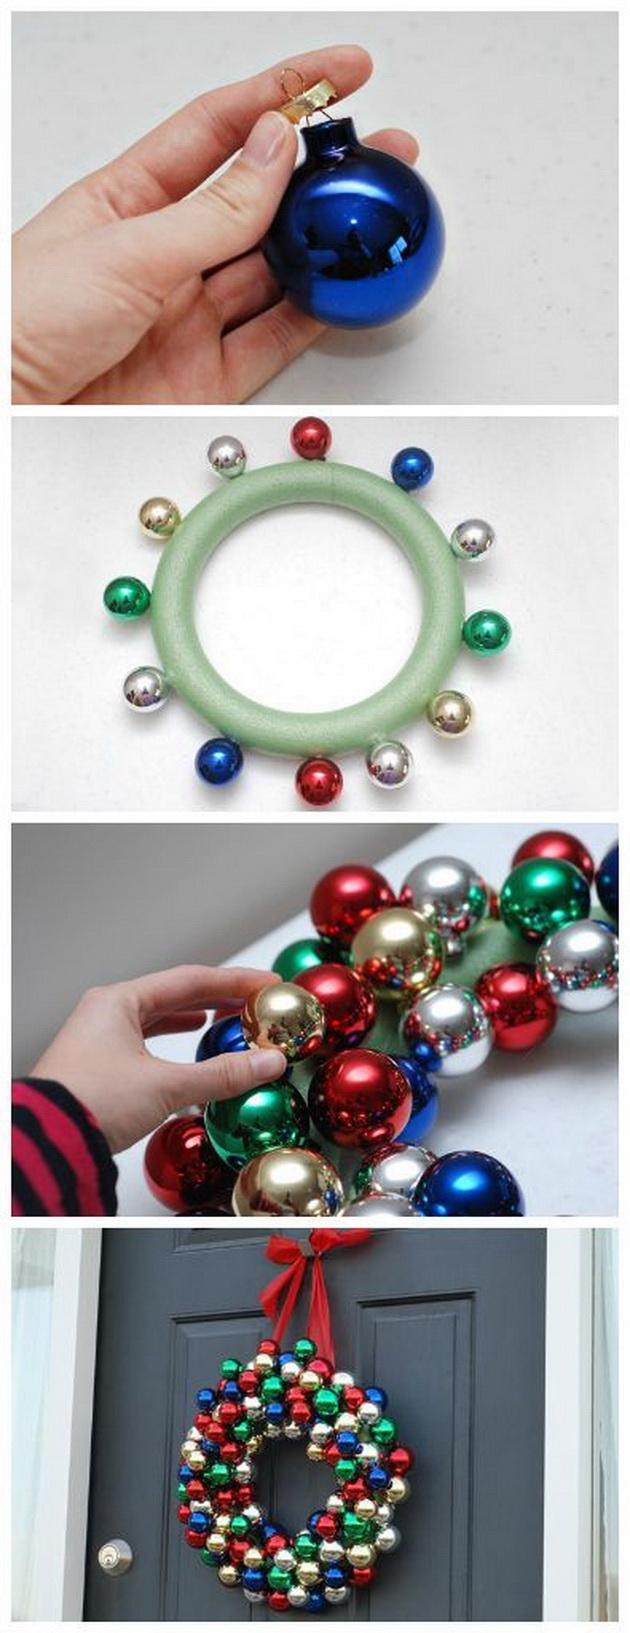 DIY-Christmas-Project-14-Incredible-Christmas-Wreaths-3